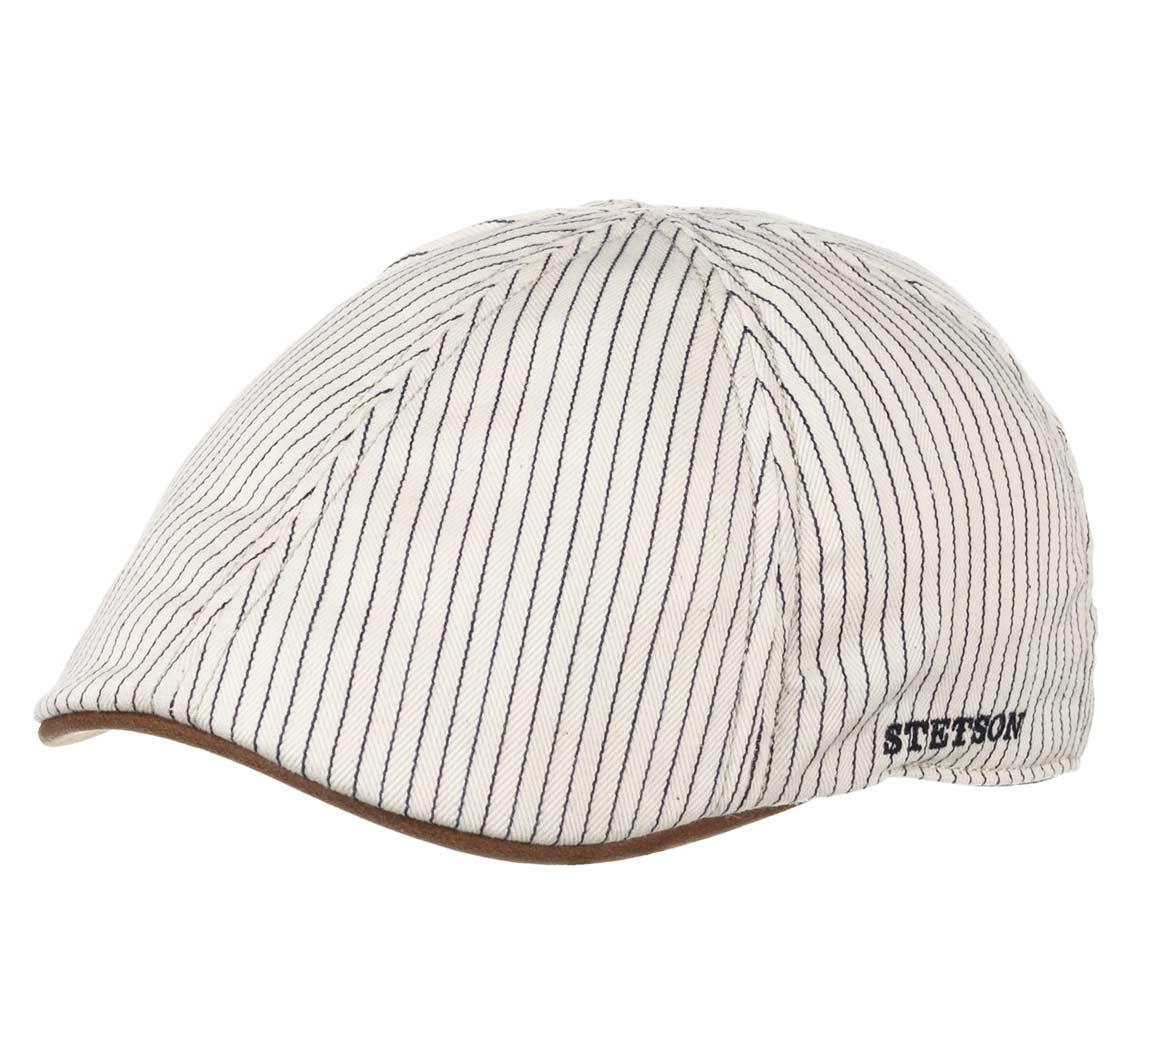 Texas Stripe - Caps Stetson cd4018d678f